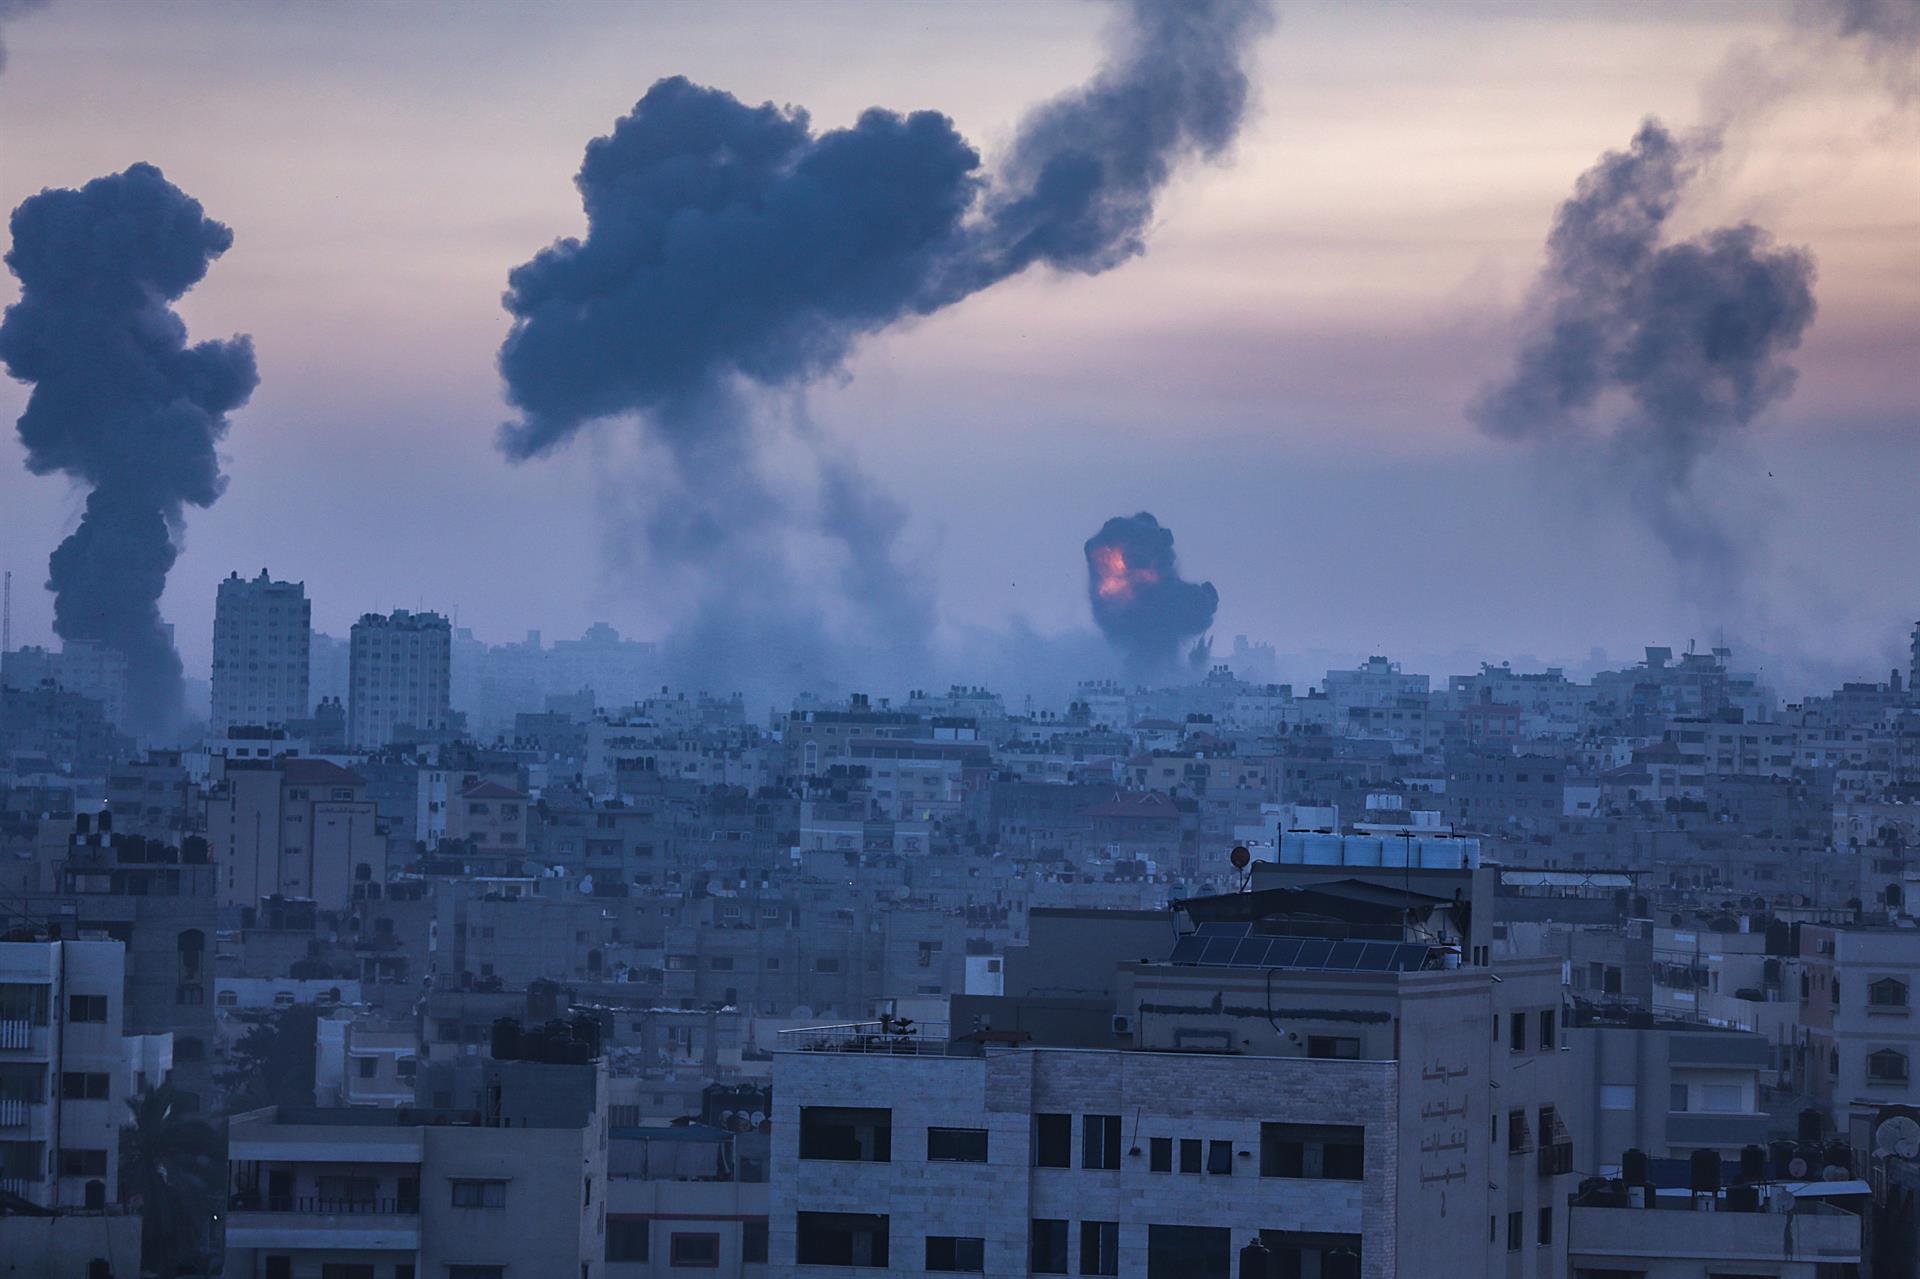 Hamás lanza 500 cohetes en 24 horas contra la población civil de Israel: el gobierno israelí anticipa un conflicto mayor